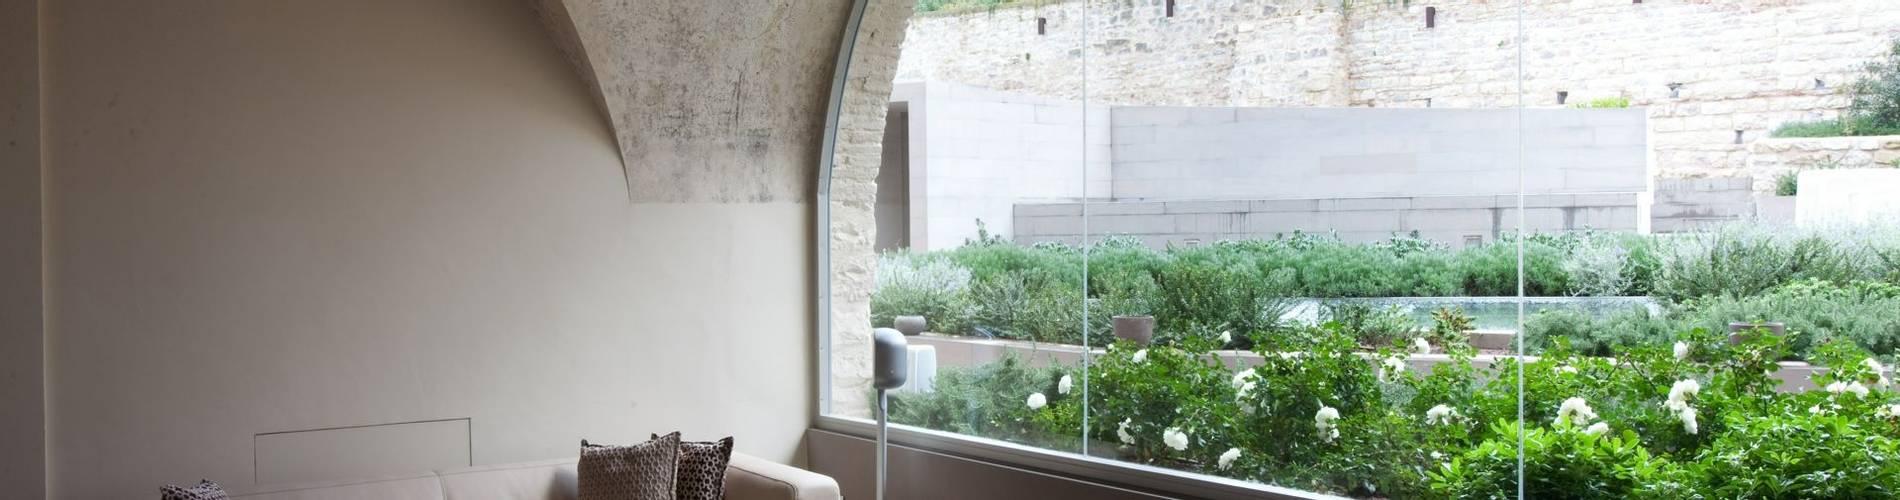 Nun Assisi Relais & Spa, Umbria, Italy (9).jpg